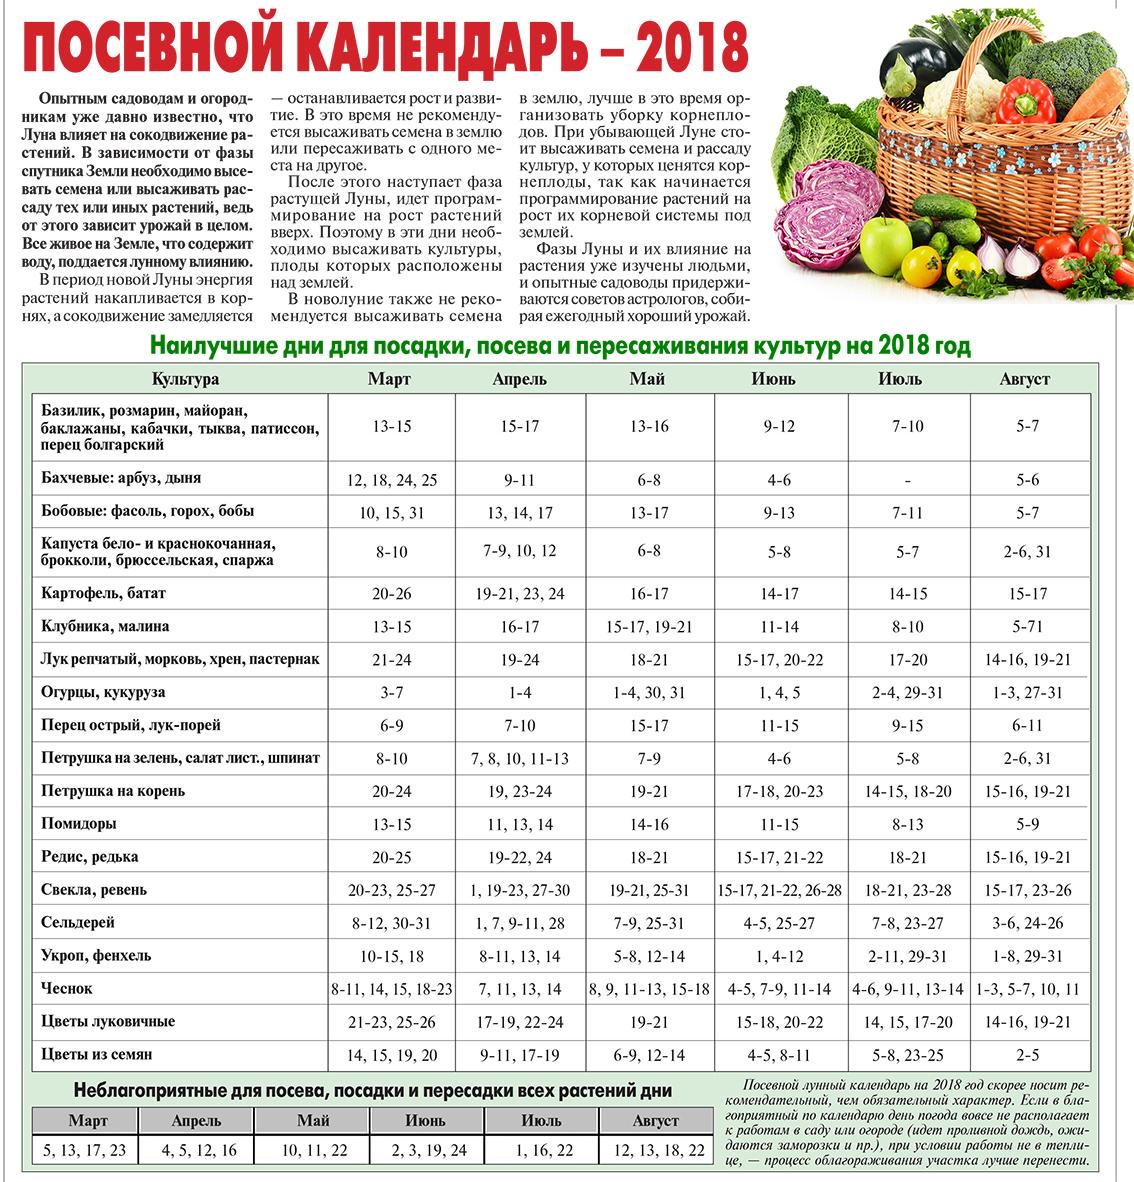 Когда сажать морковь и свеклу весной в 2021 году по лунному календарю: самые благоприятные дни, выбор соседей по грядке и особенности выращивания